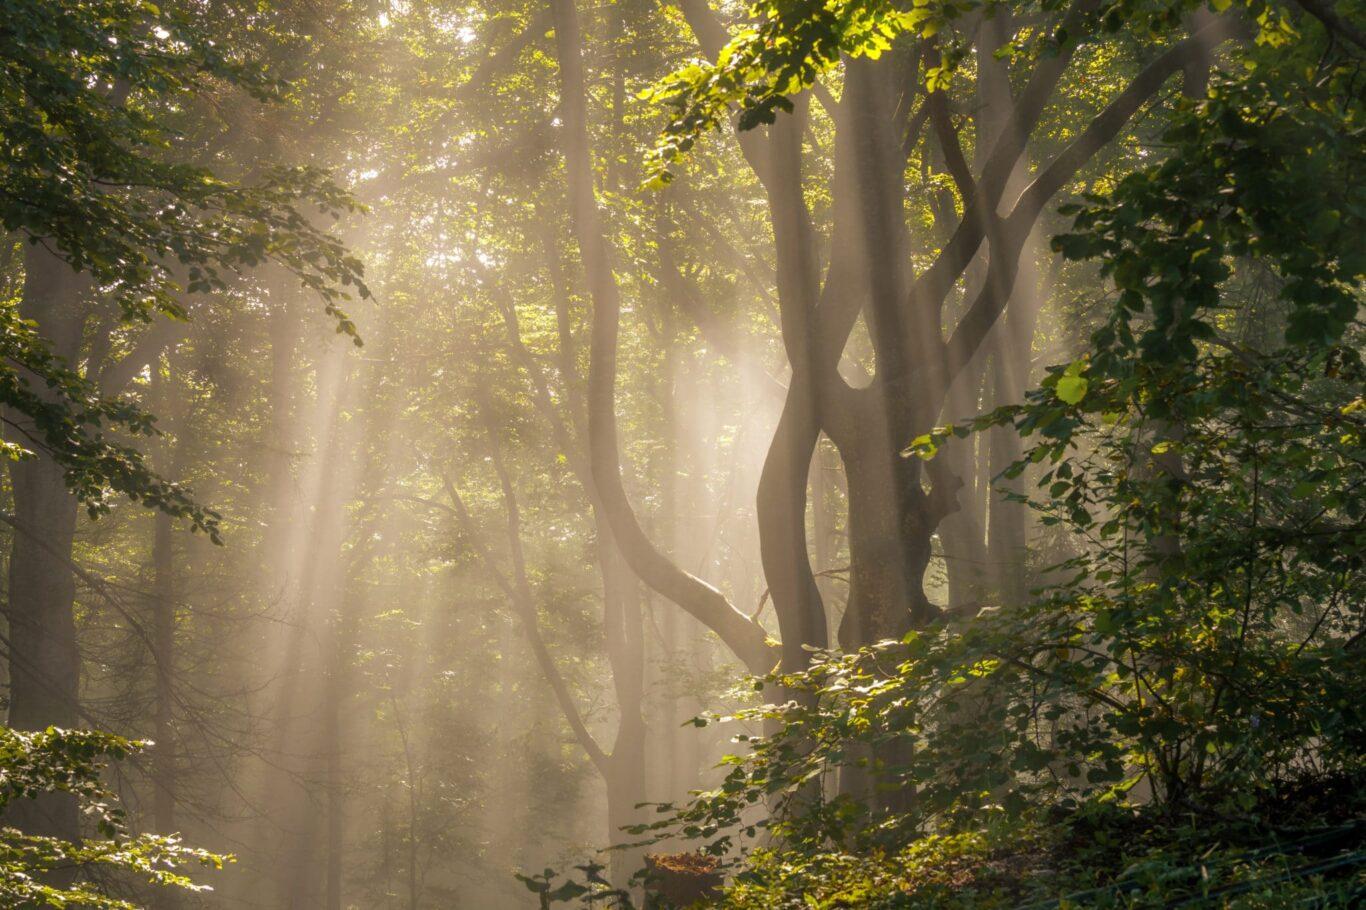 Ein Waldstück in der Morgensonne | Bild: Regio-Journal